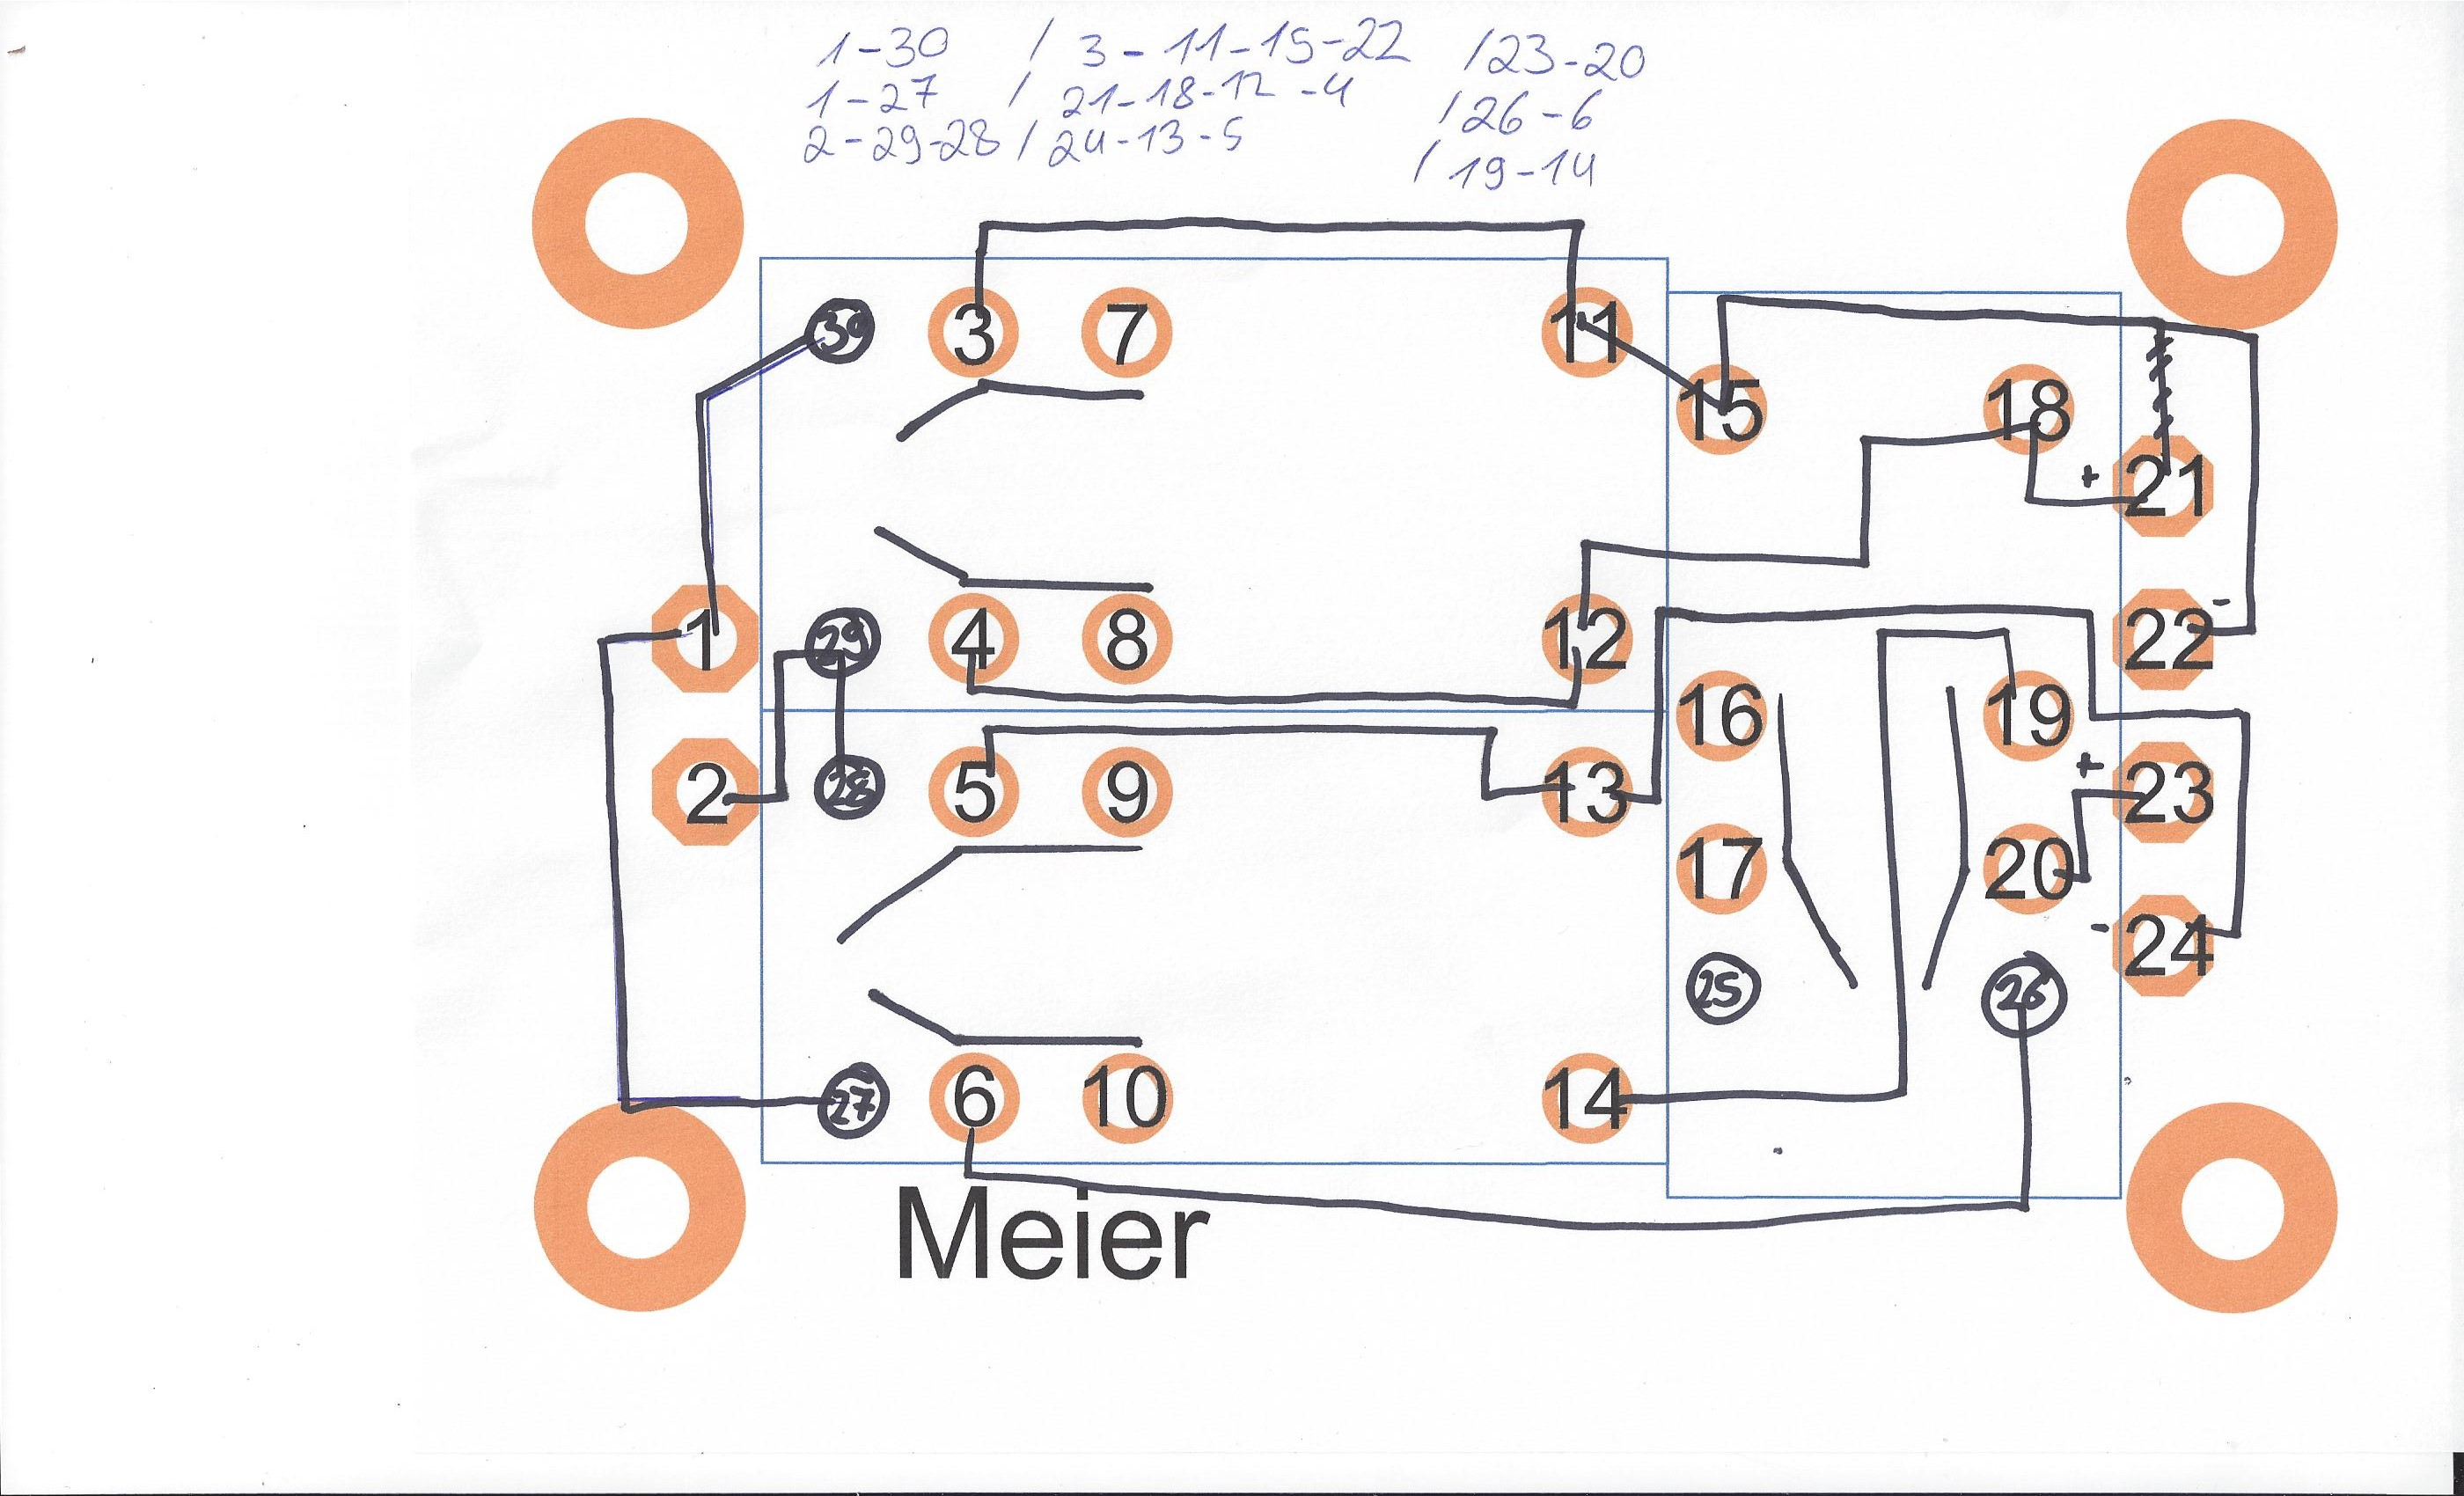 Relais brummen, hilfe - Mikrocontroller.net